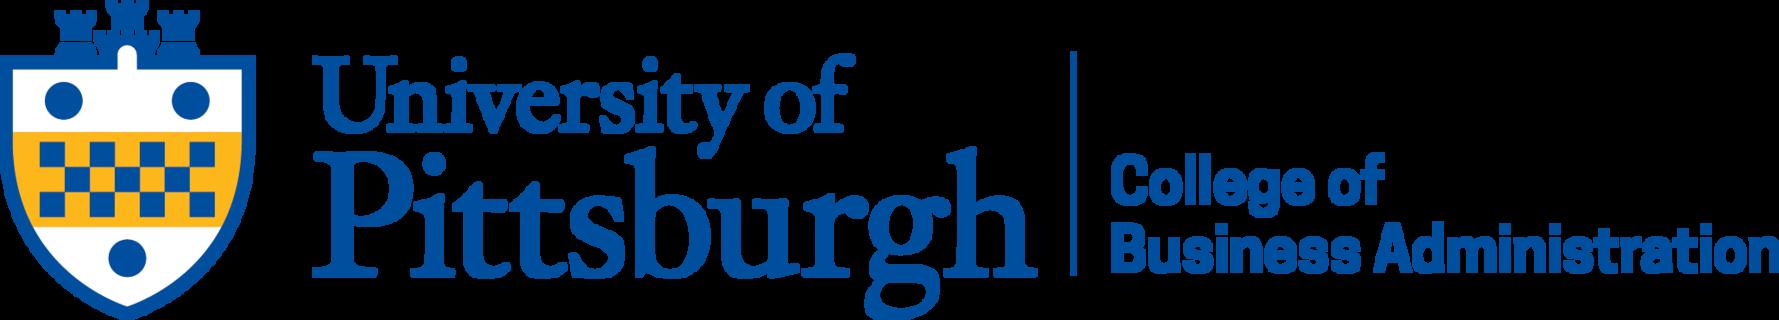 Pitt Business Mentoring Match logo